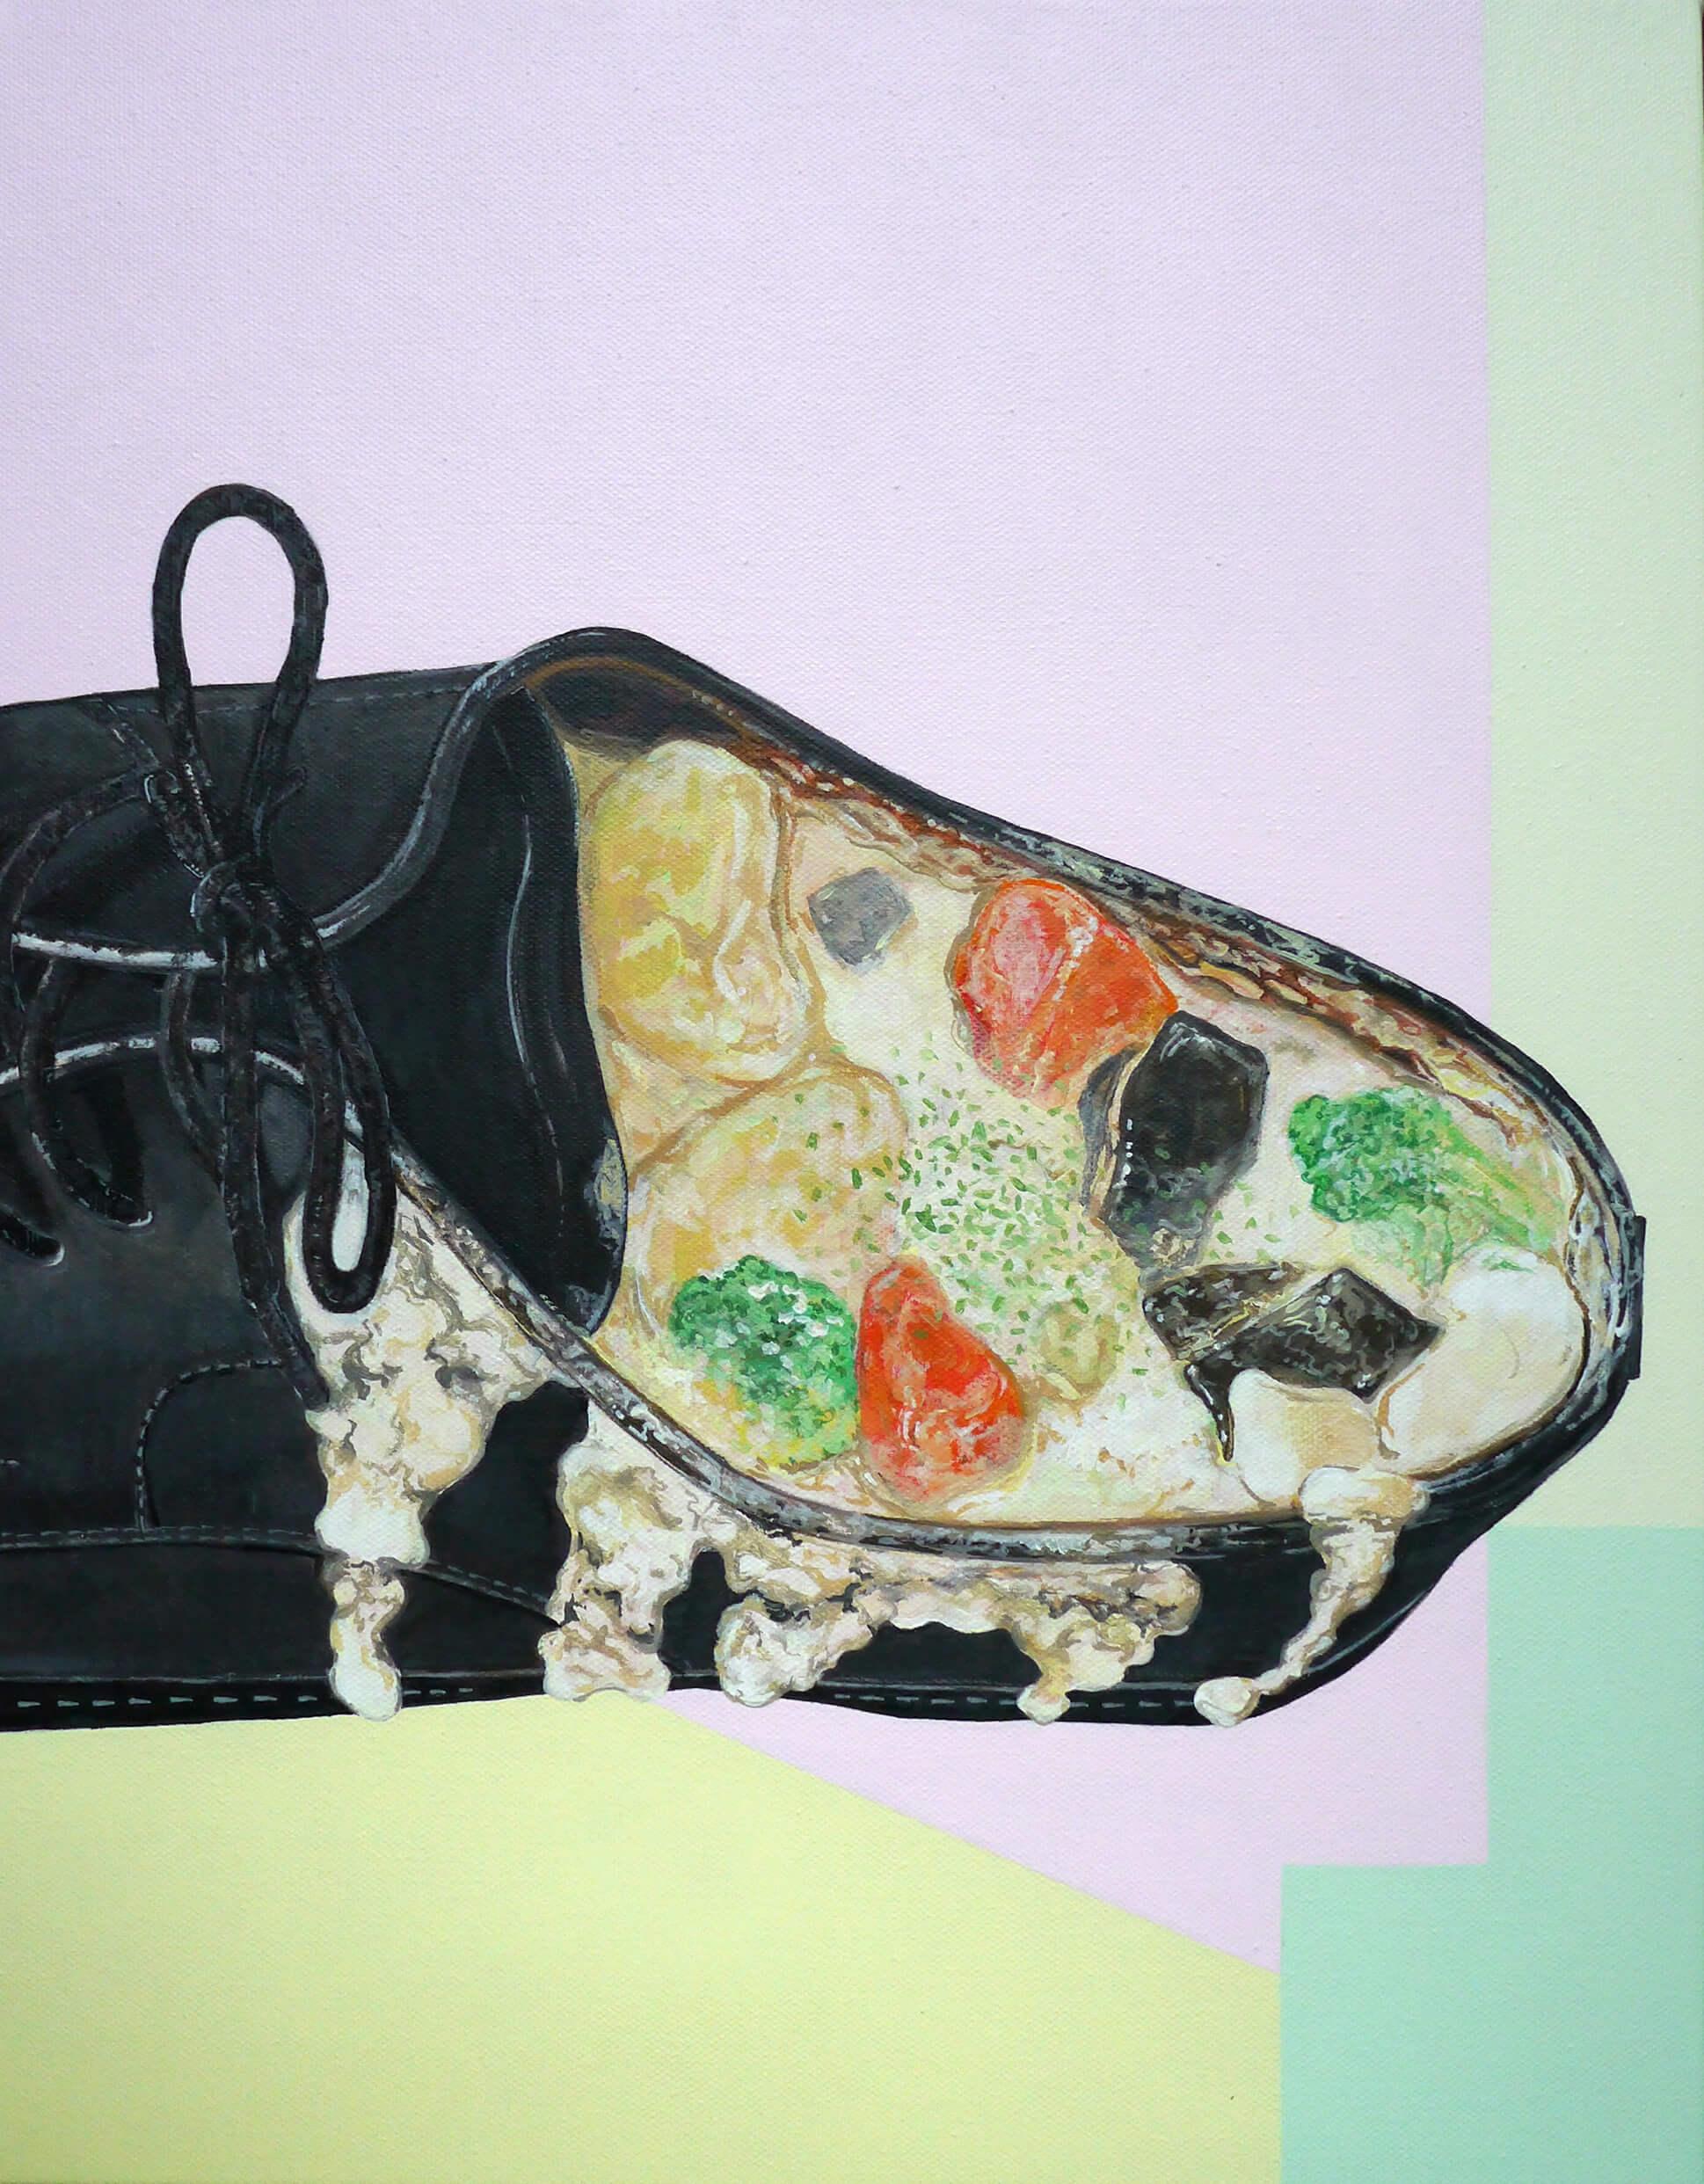 レザー料理(革靴のクリームシチュー)